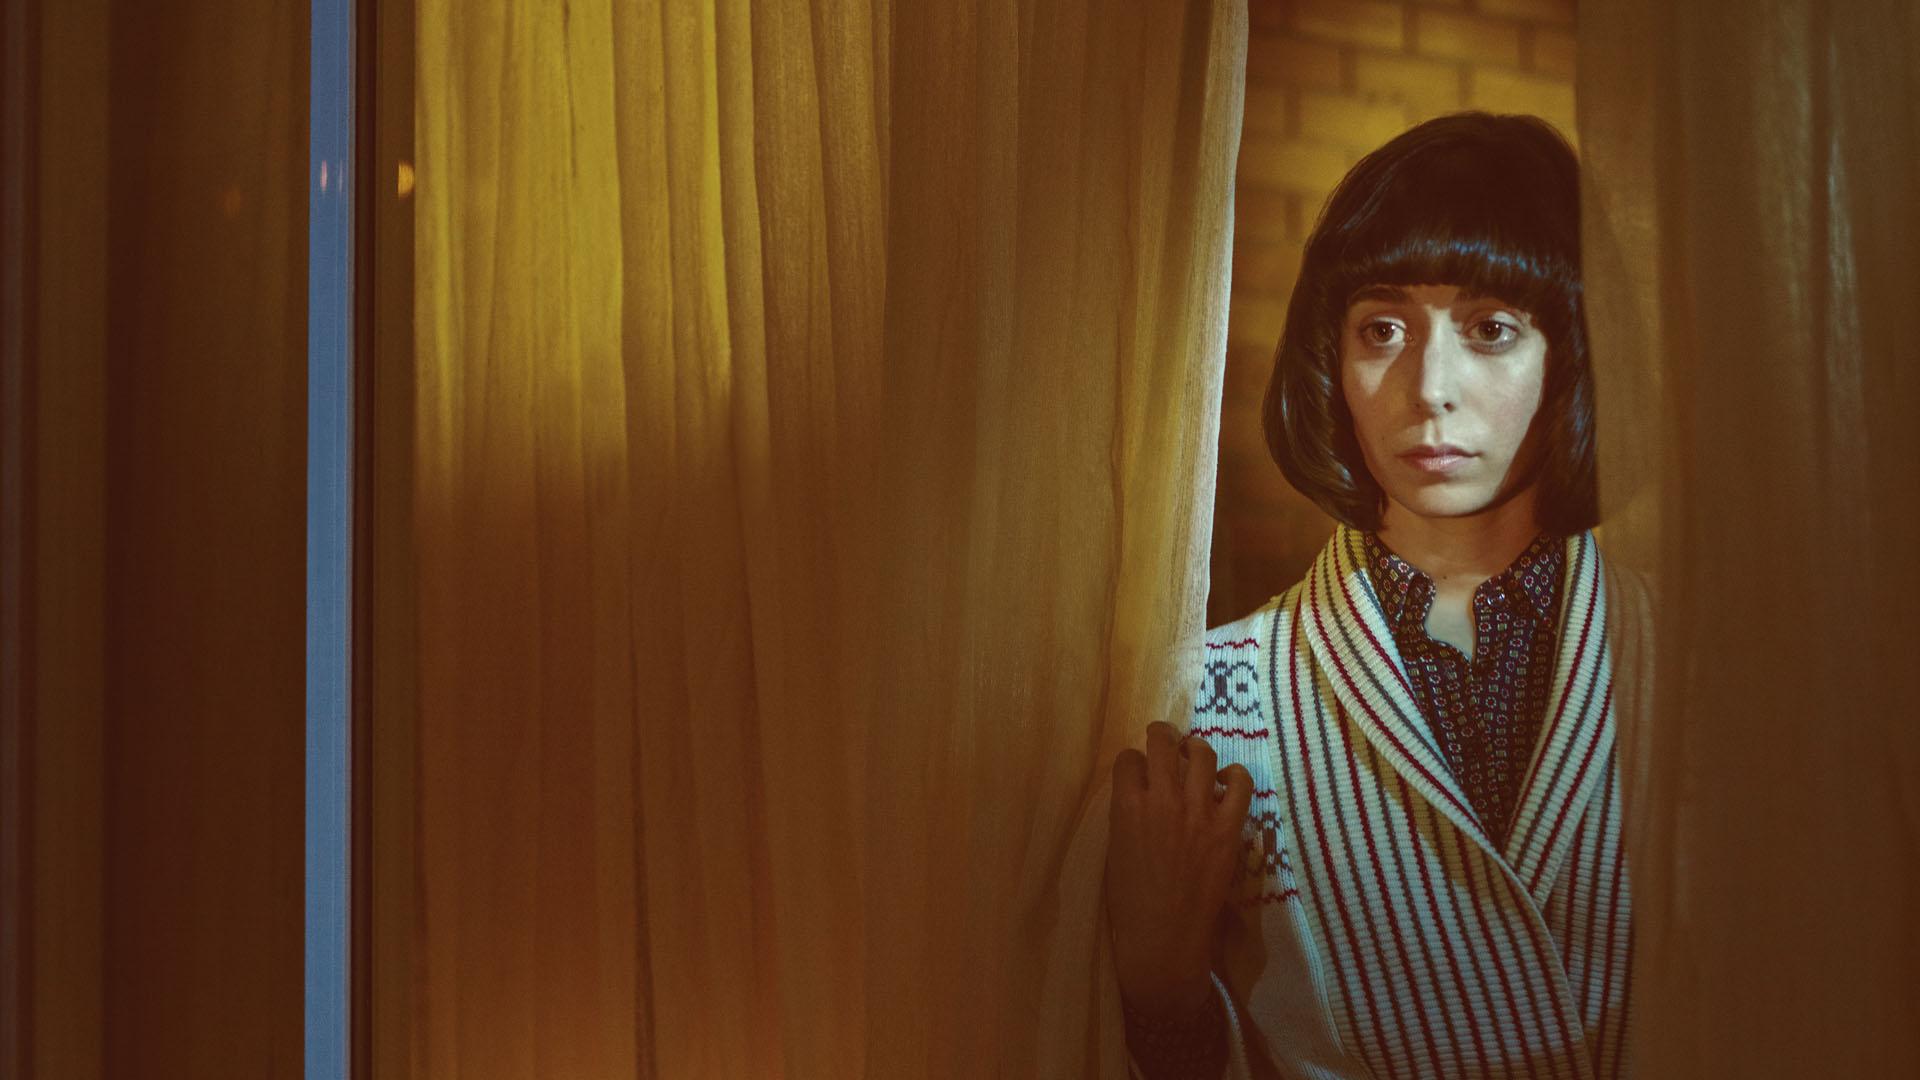 Betsy Solverson (Cristin Milioti) er kona til den lokale sheriffen og gjør lurt i å holde et årvåkent blikk ut vinduet. (Foto: HBO Nordic, FX, MGM)